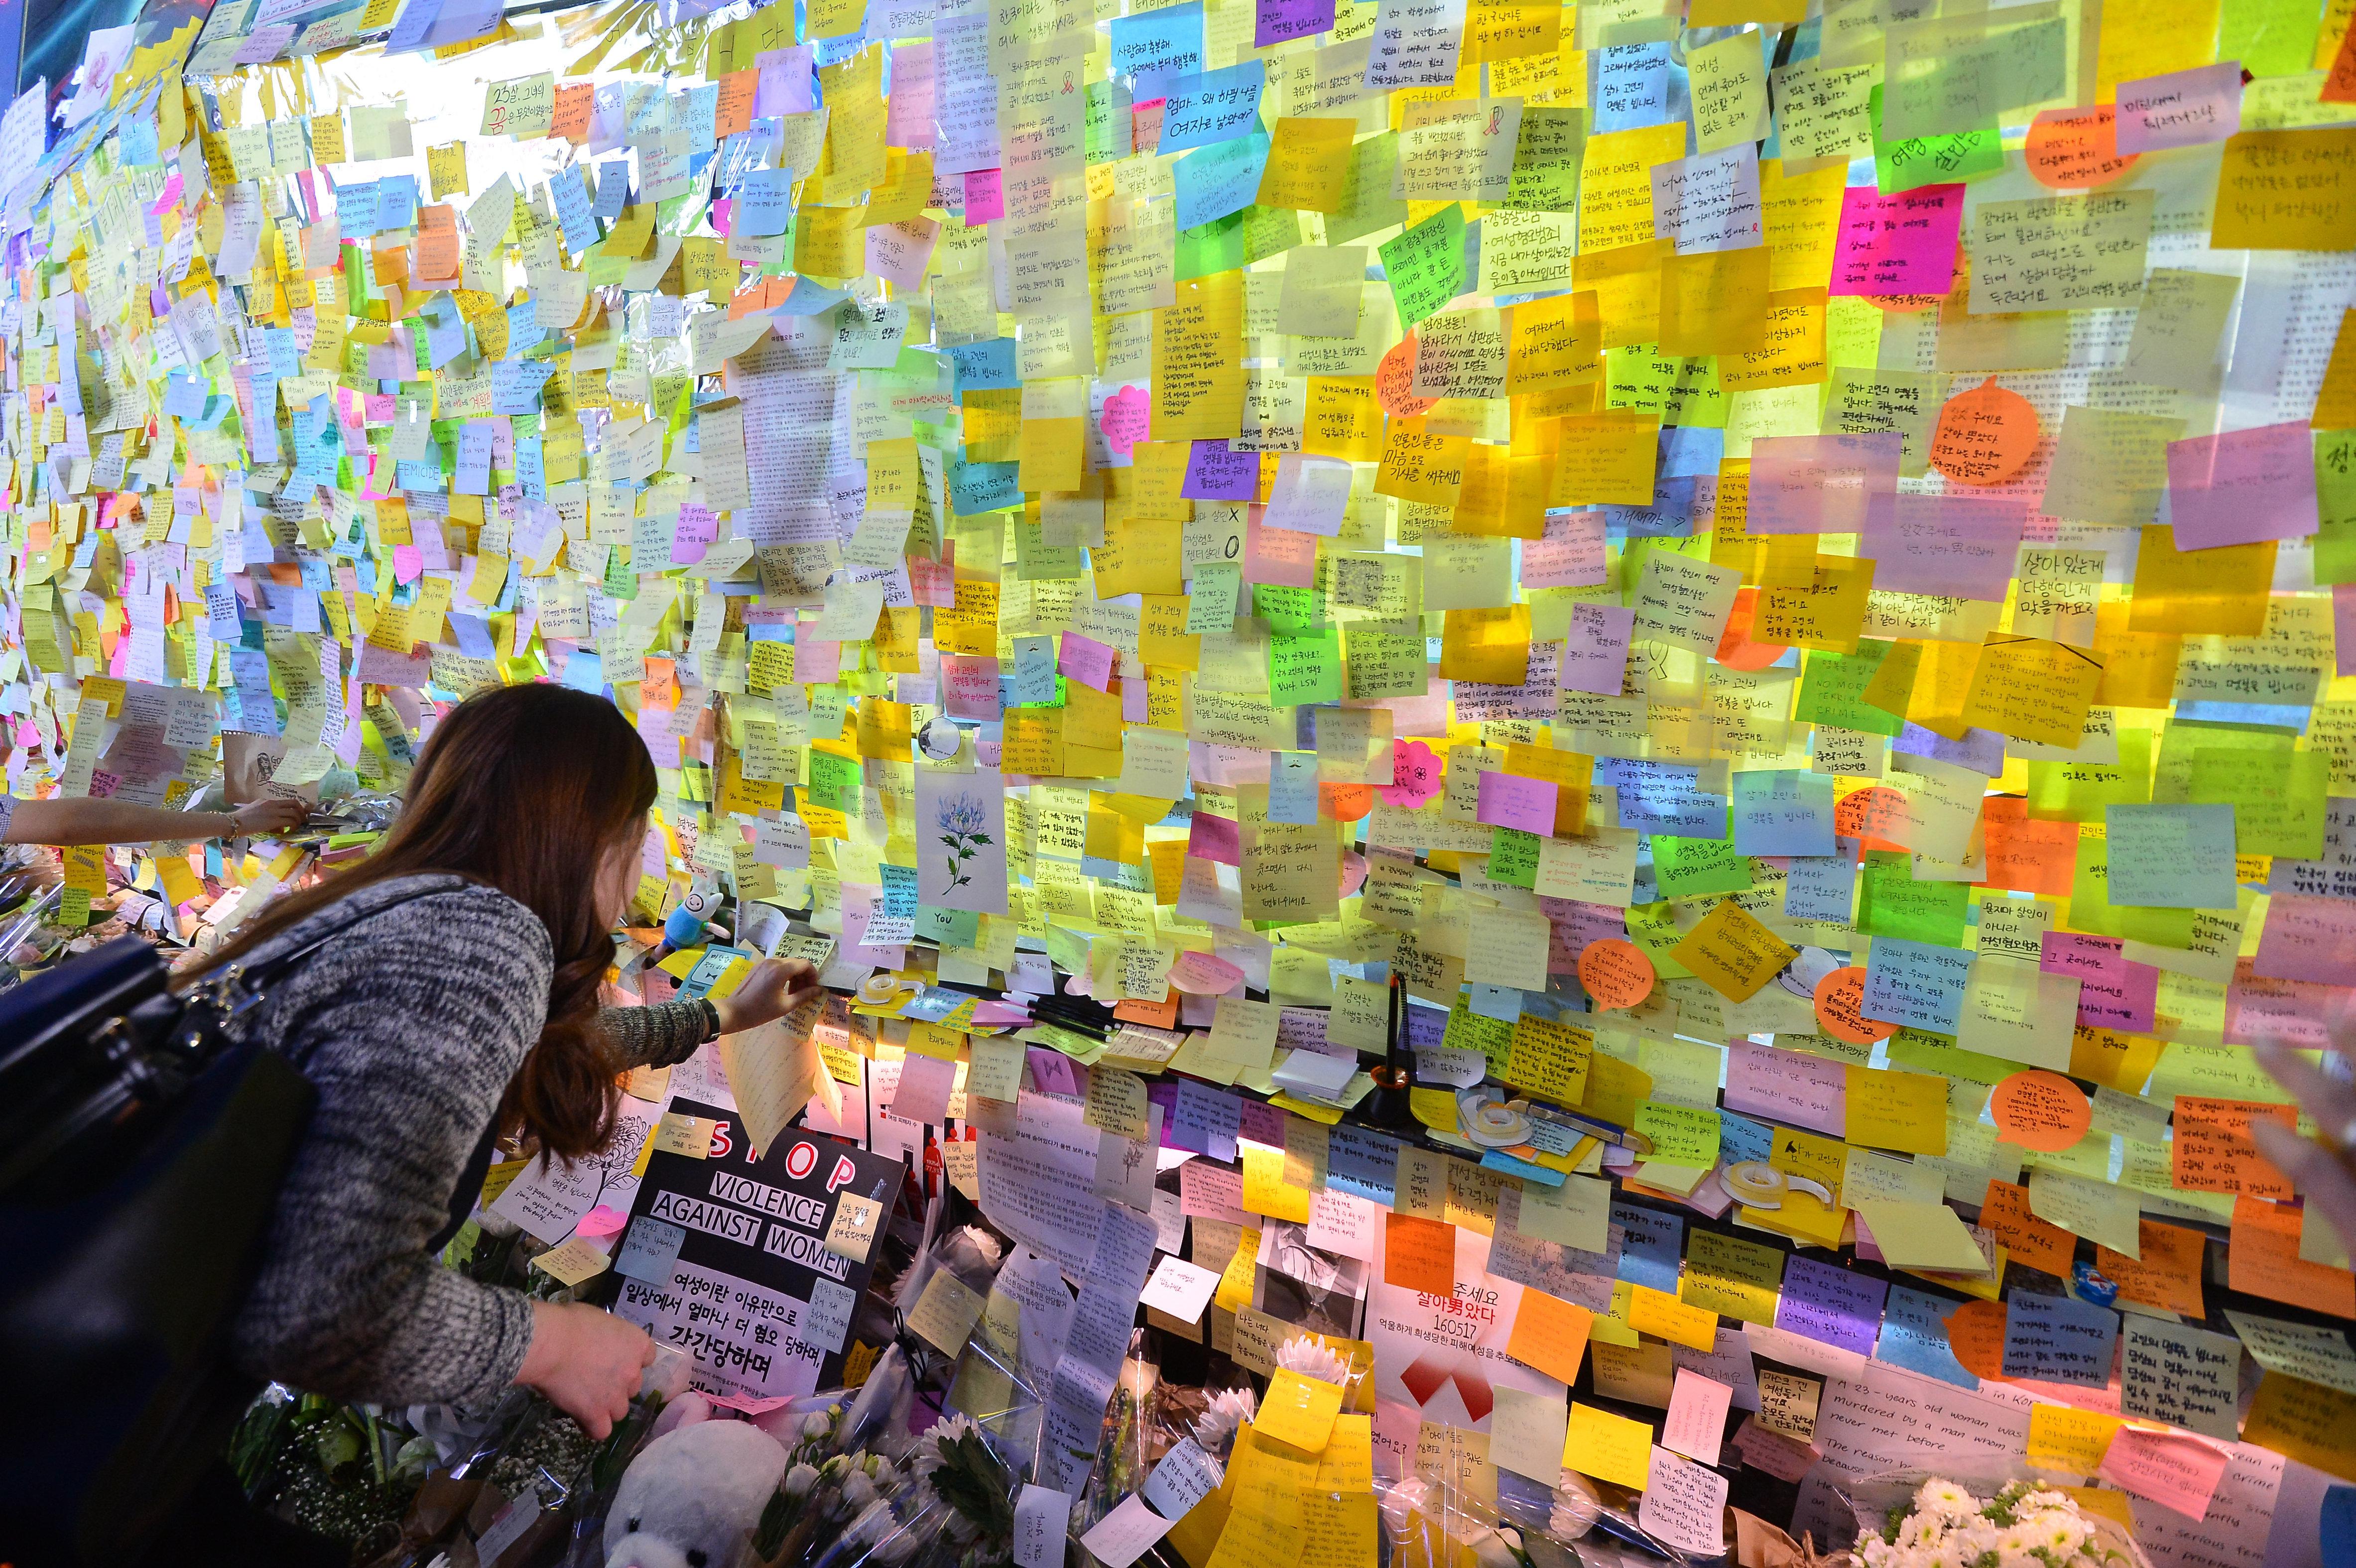 강남역 10번 출구의 포스트잇에 담겼던 염원을